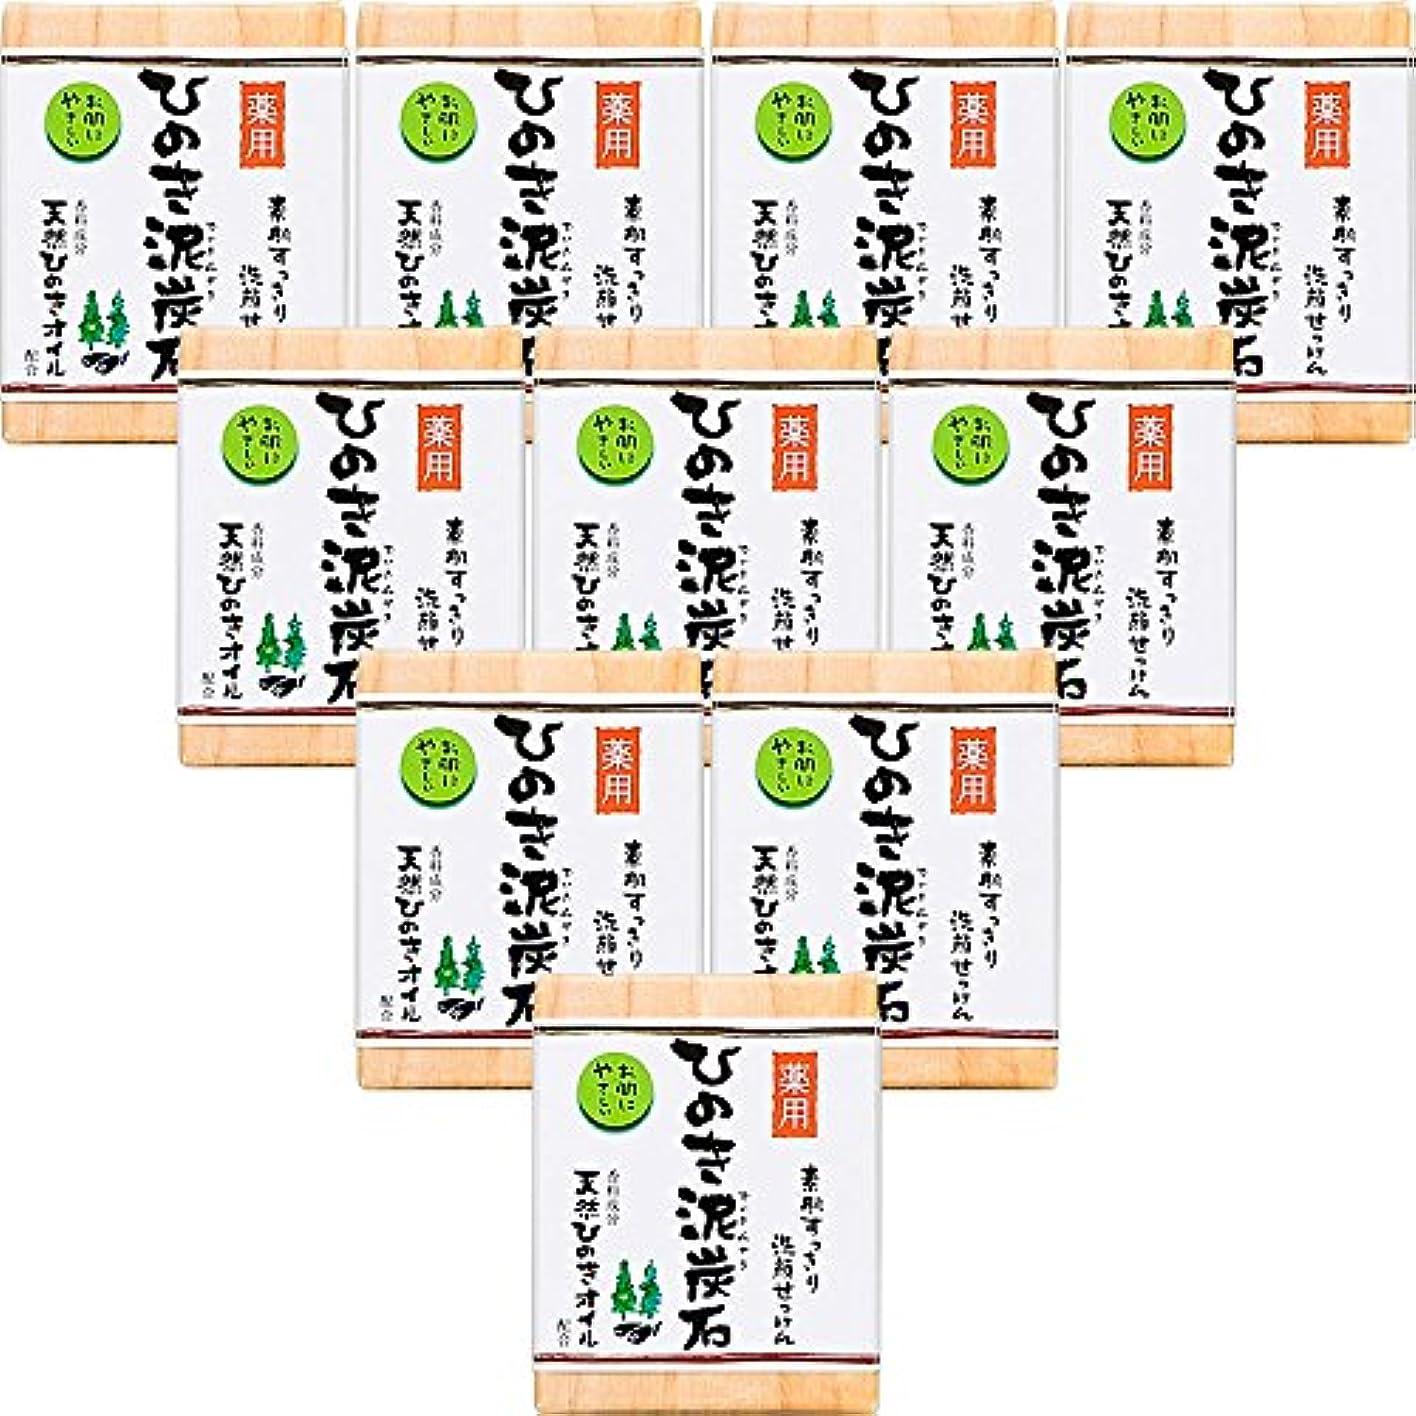 牧草地ソーセージスマイル薬用 ひのき泥炭石 洗顔せっけん (75g×10個) 石けん [天然ひのきオイル配合] 肌荒れ防止